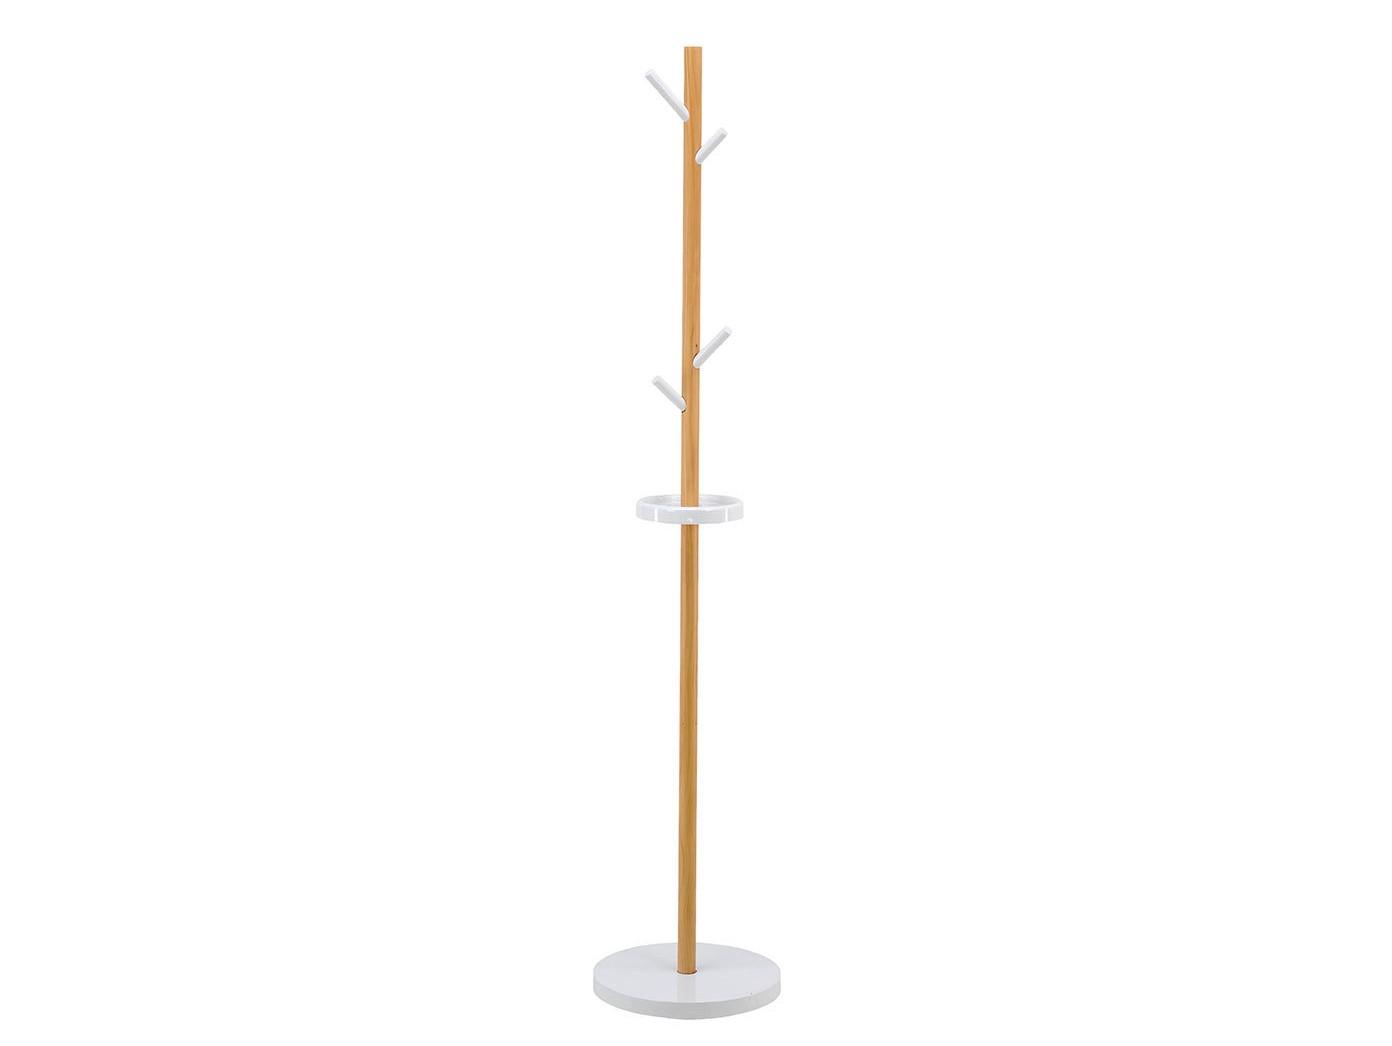 Вешалка напольная KogaВешалки<br><br><br>Material: Дерево<br>Ширина см: 35.0<br>Высота см: 175.0<br>Глубина см: 35.0